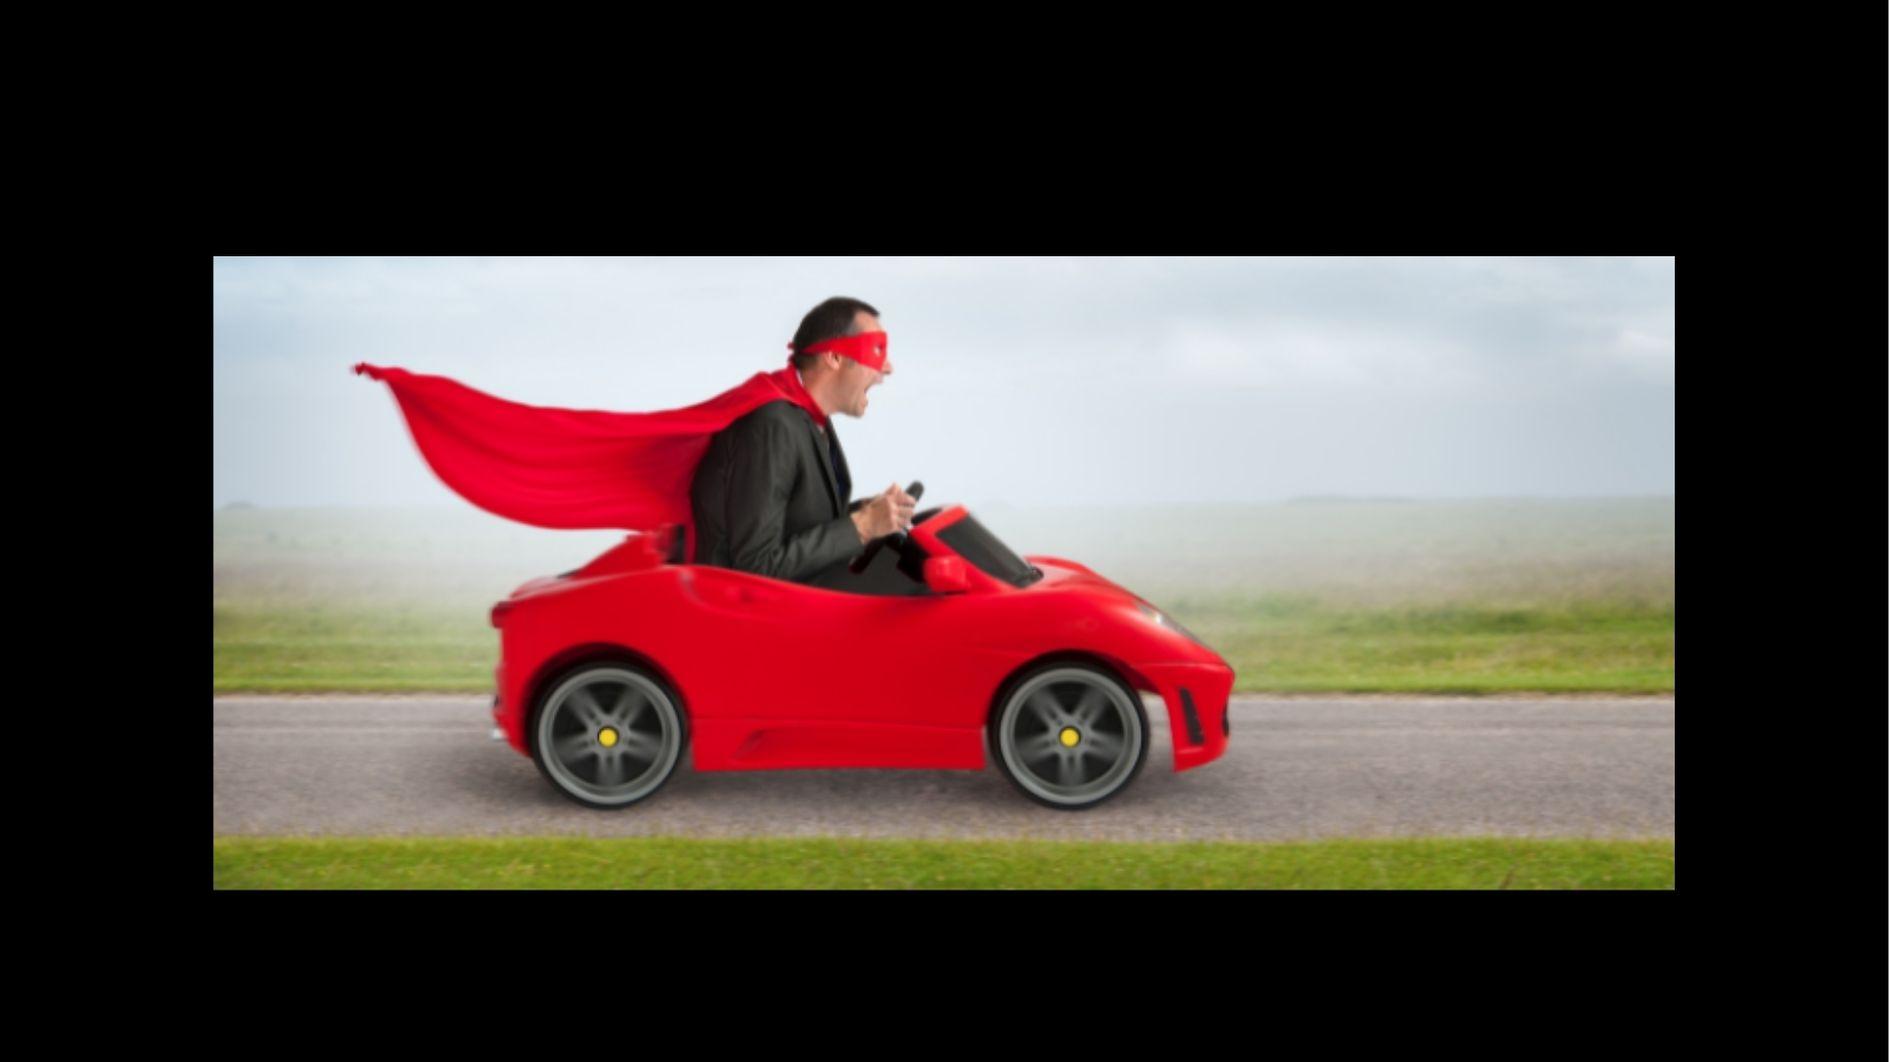 ドライブは「オクスリ」? 平凡な運転でも人間は「過覚醒」を起こしていたと判明!